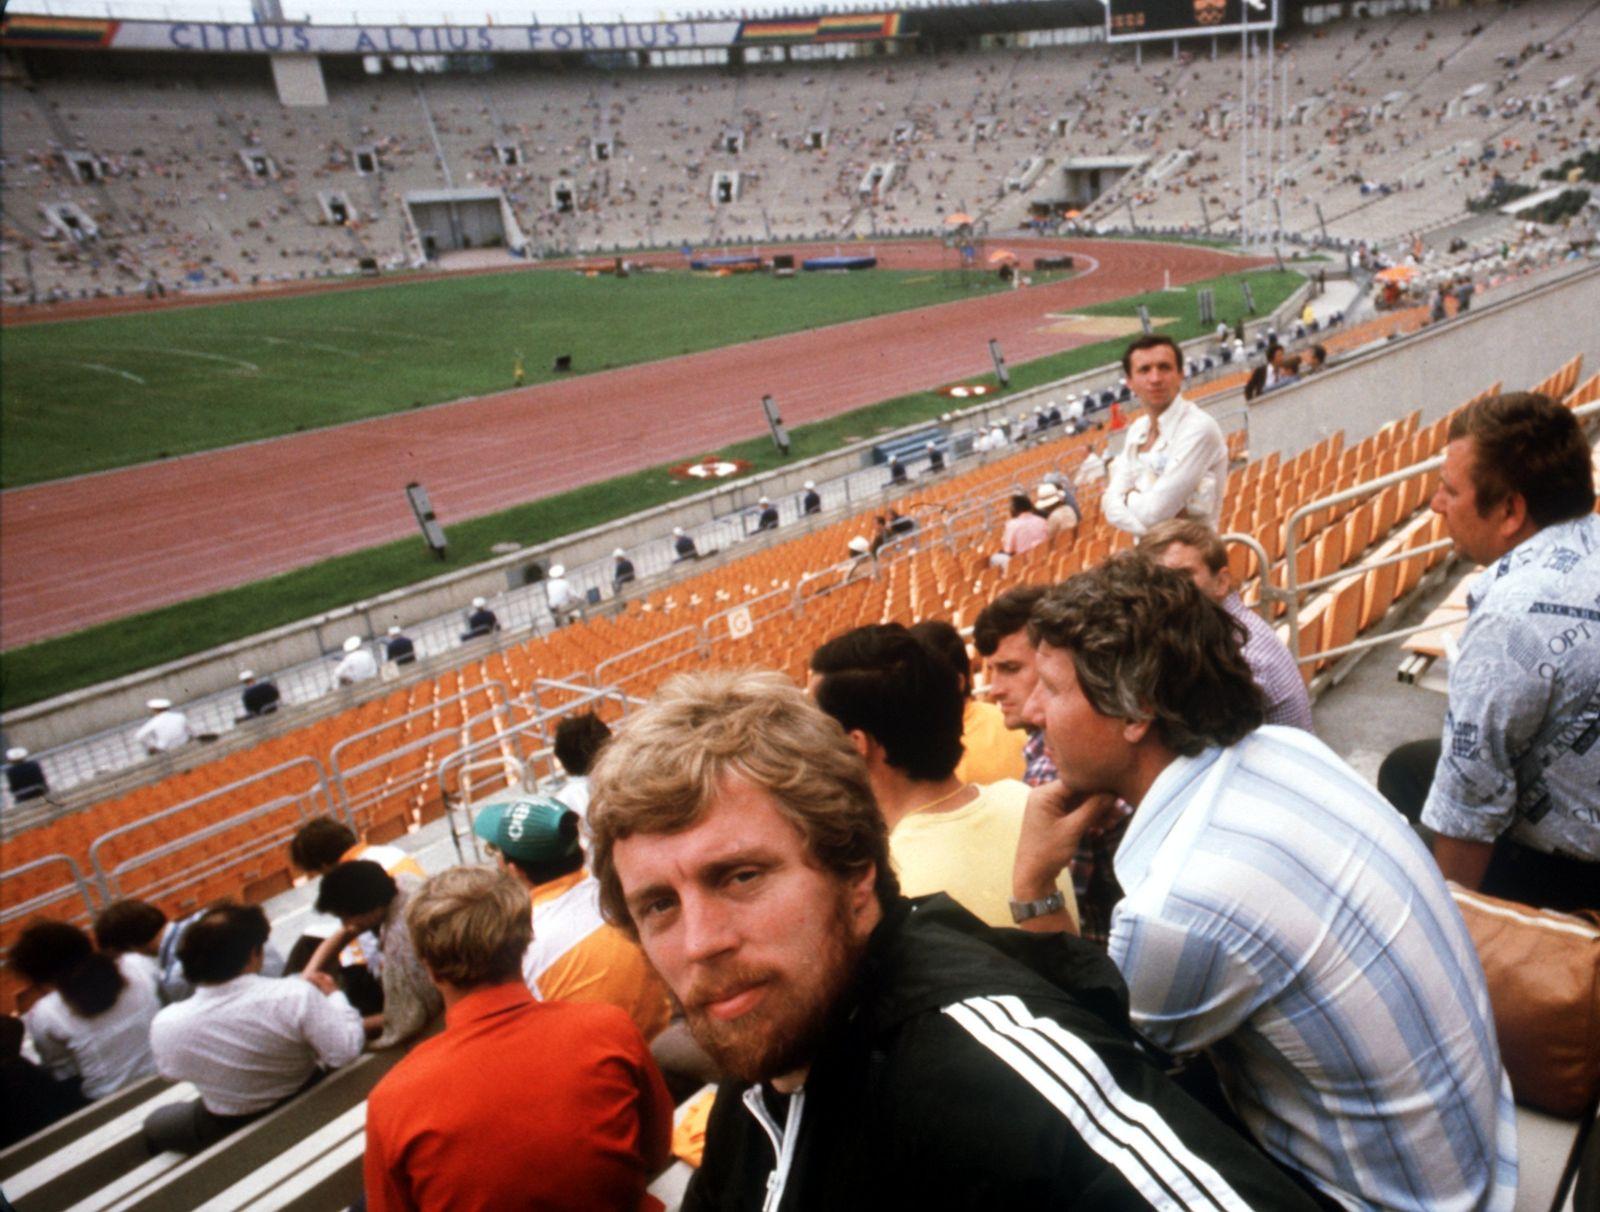 Moskau 1980 - Guido Kratschmer als Zuschauer